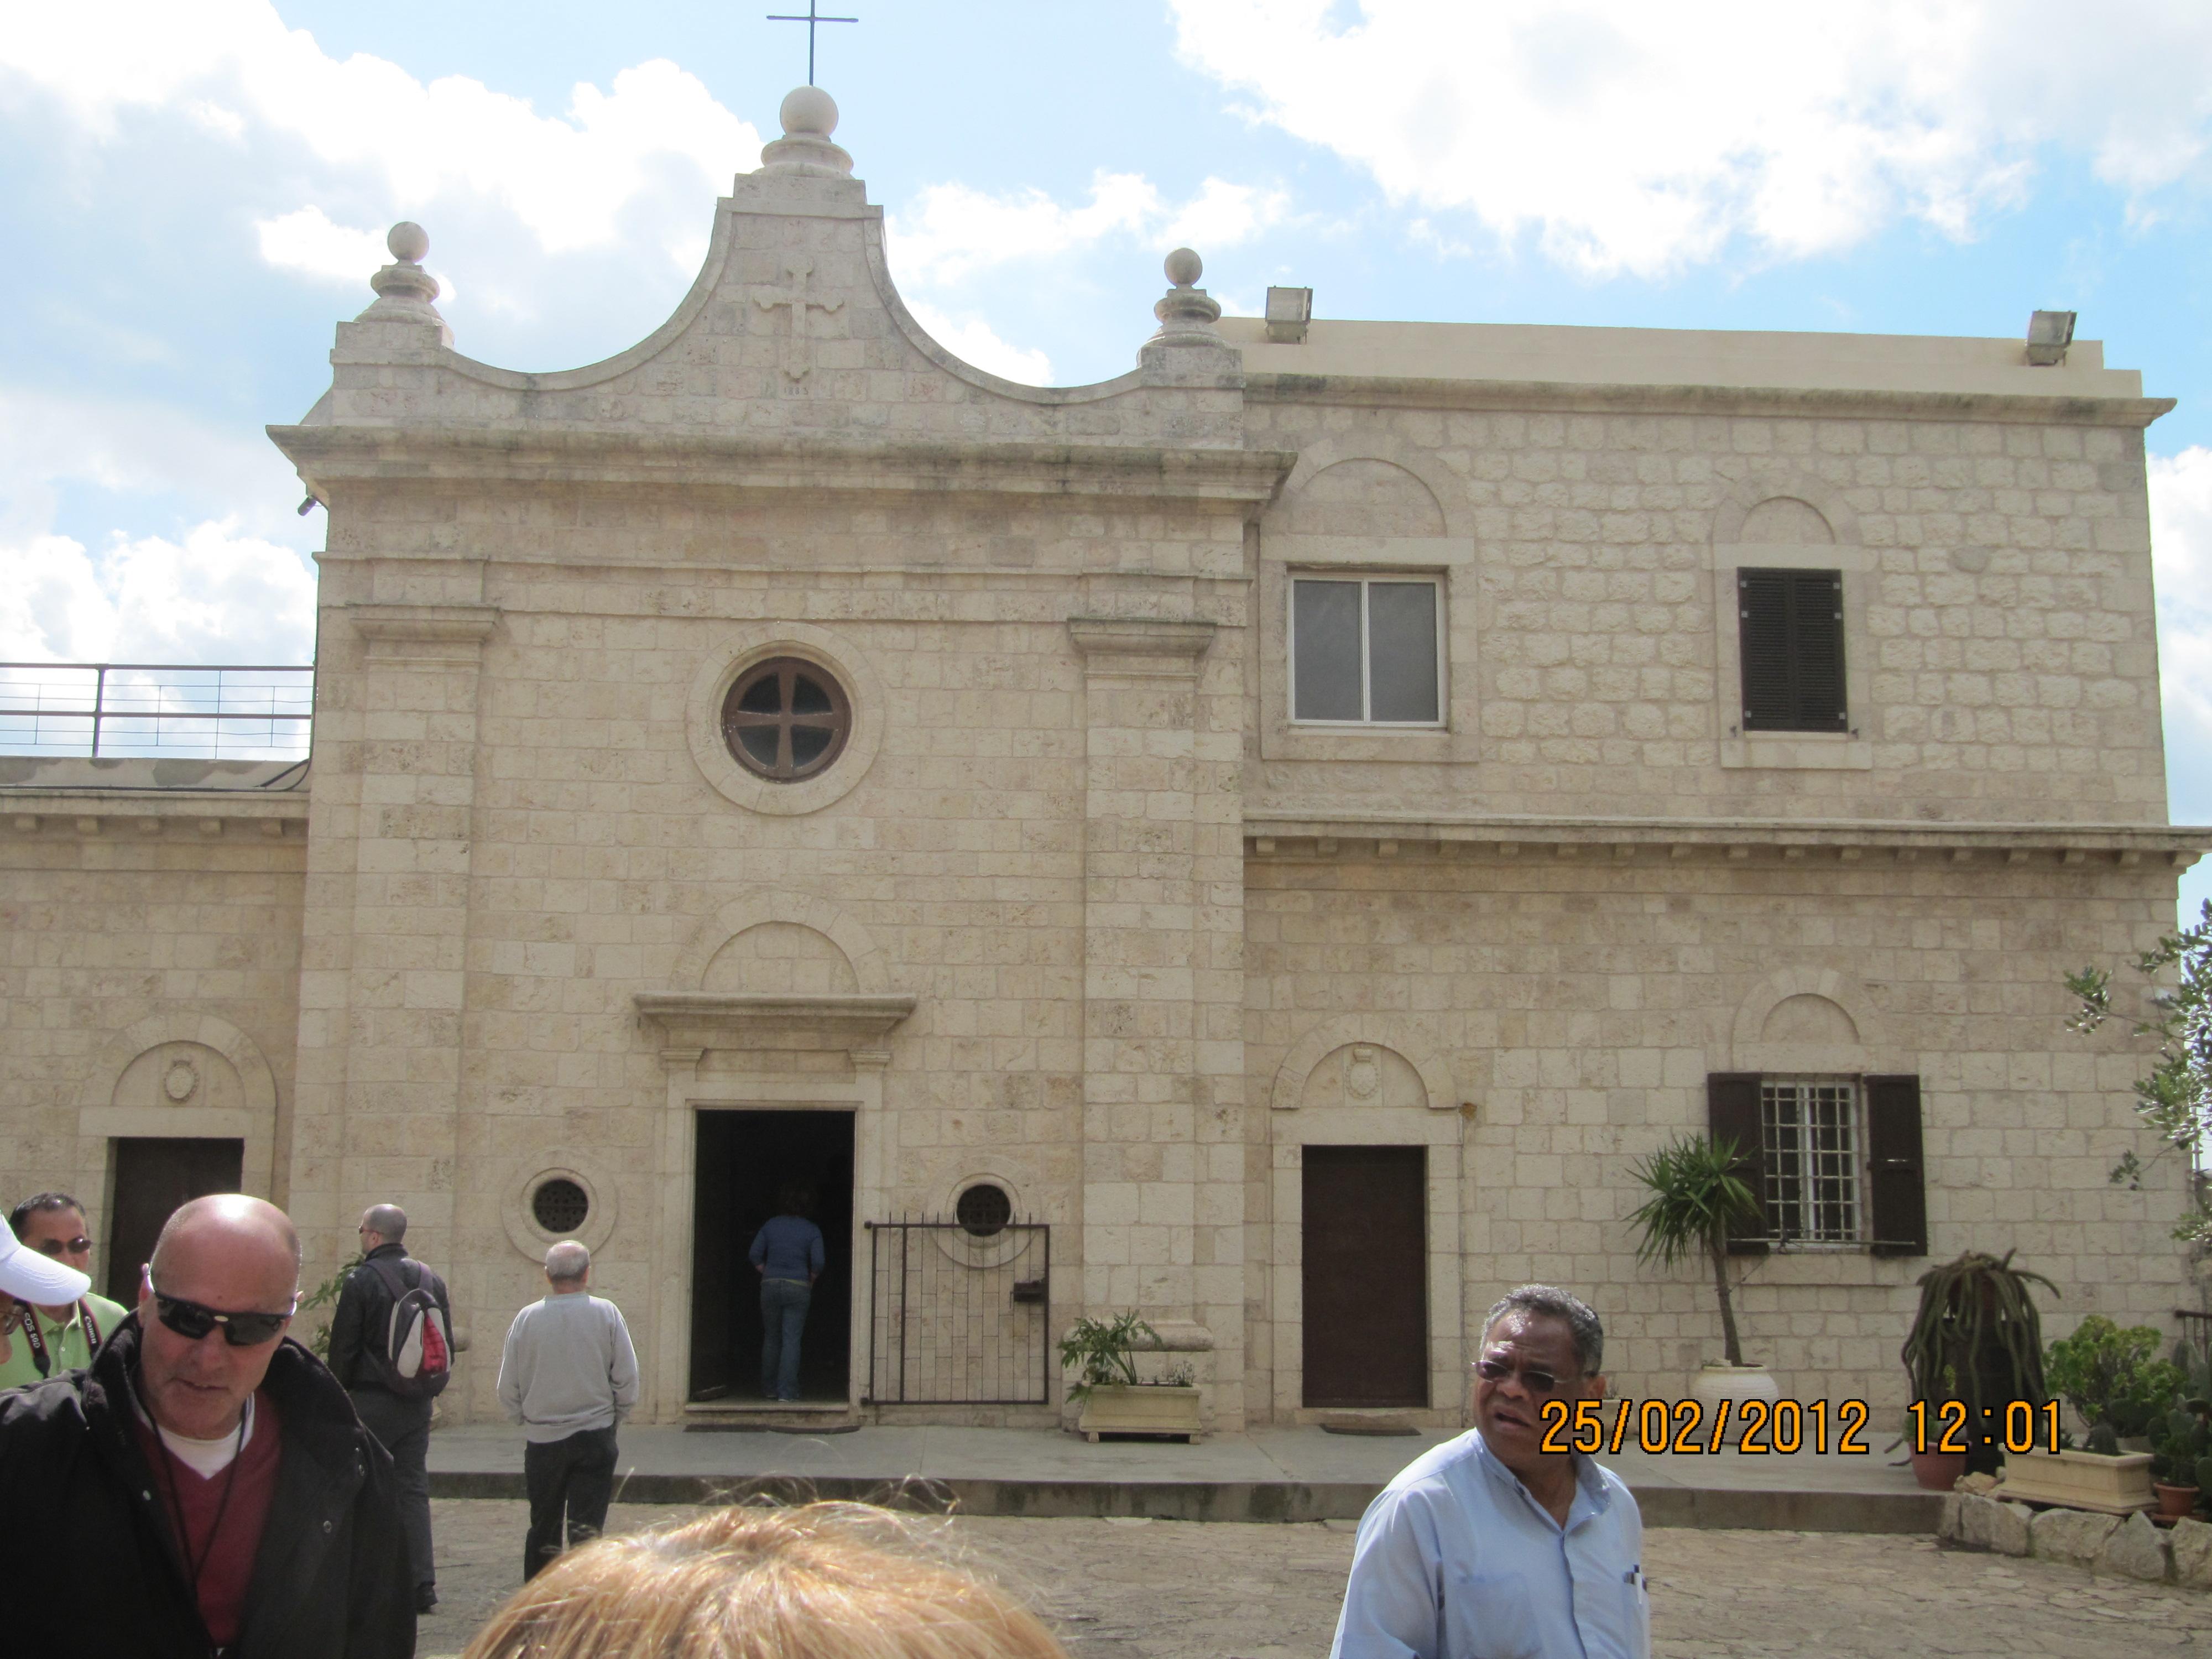 מוחרקה - מנזר הכרמליתי